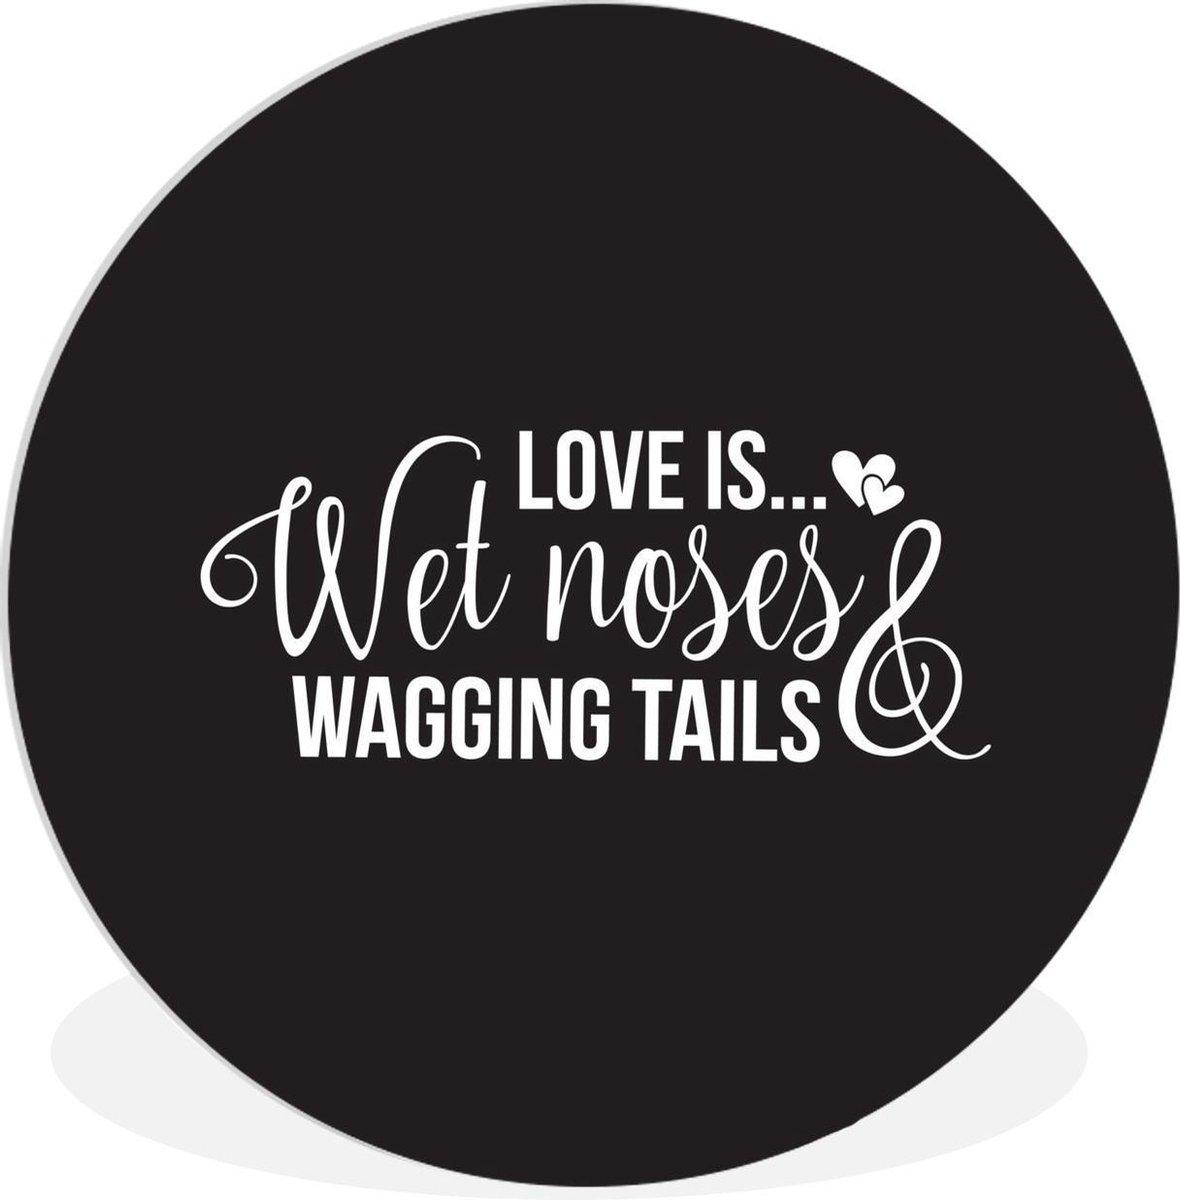 Wandcirkel Honden Quotes - Quote Love is....wet noses and wagging tails opzwarte achtergrond -   150 cm - rond schilderij - fotoprint op kunststof (forex) muurcirkel / wooncirkel / (wanddecoratie)